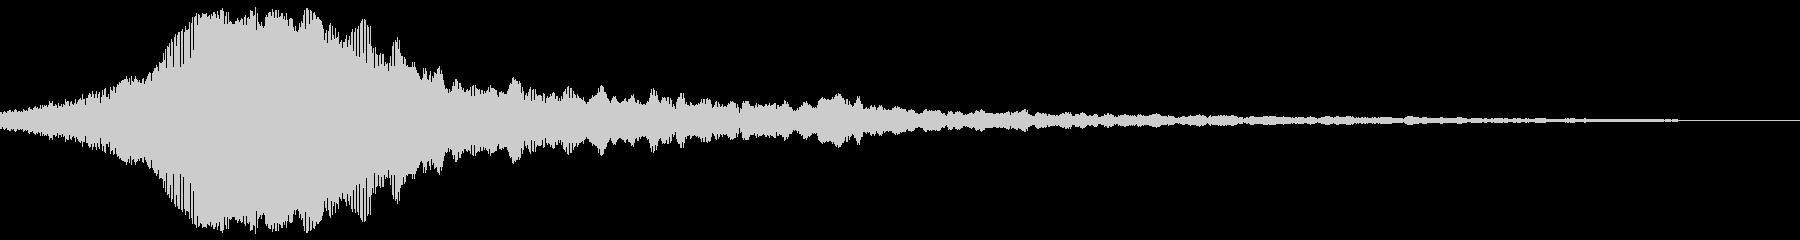 【アナログシンセ】重低音なシネマティックの未再生の波形